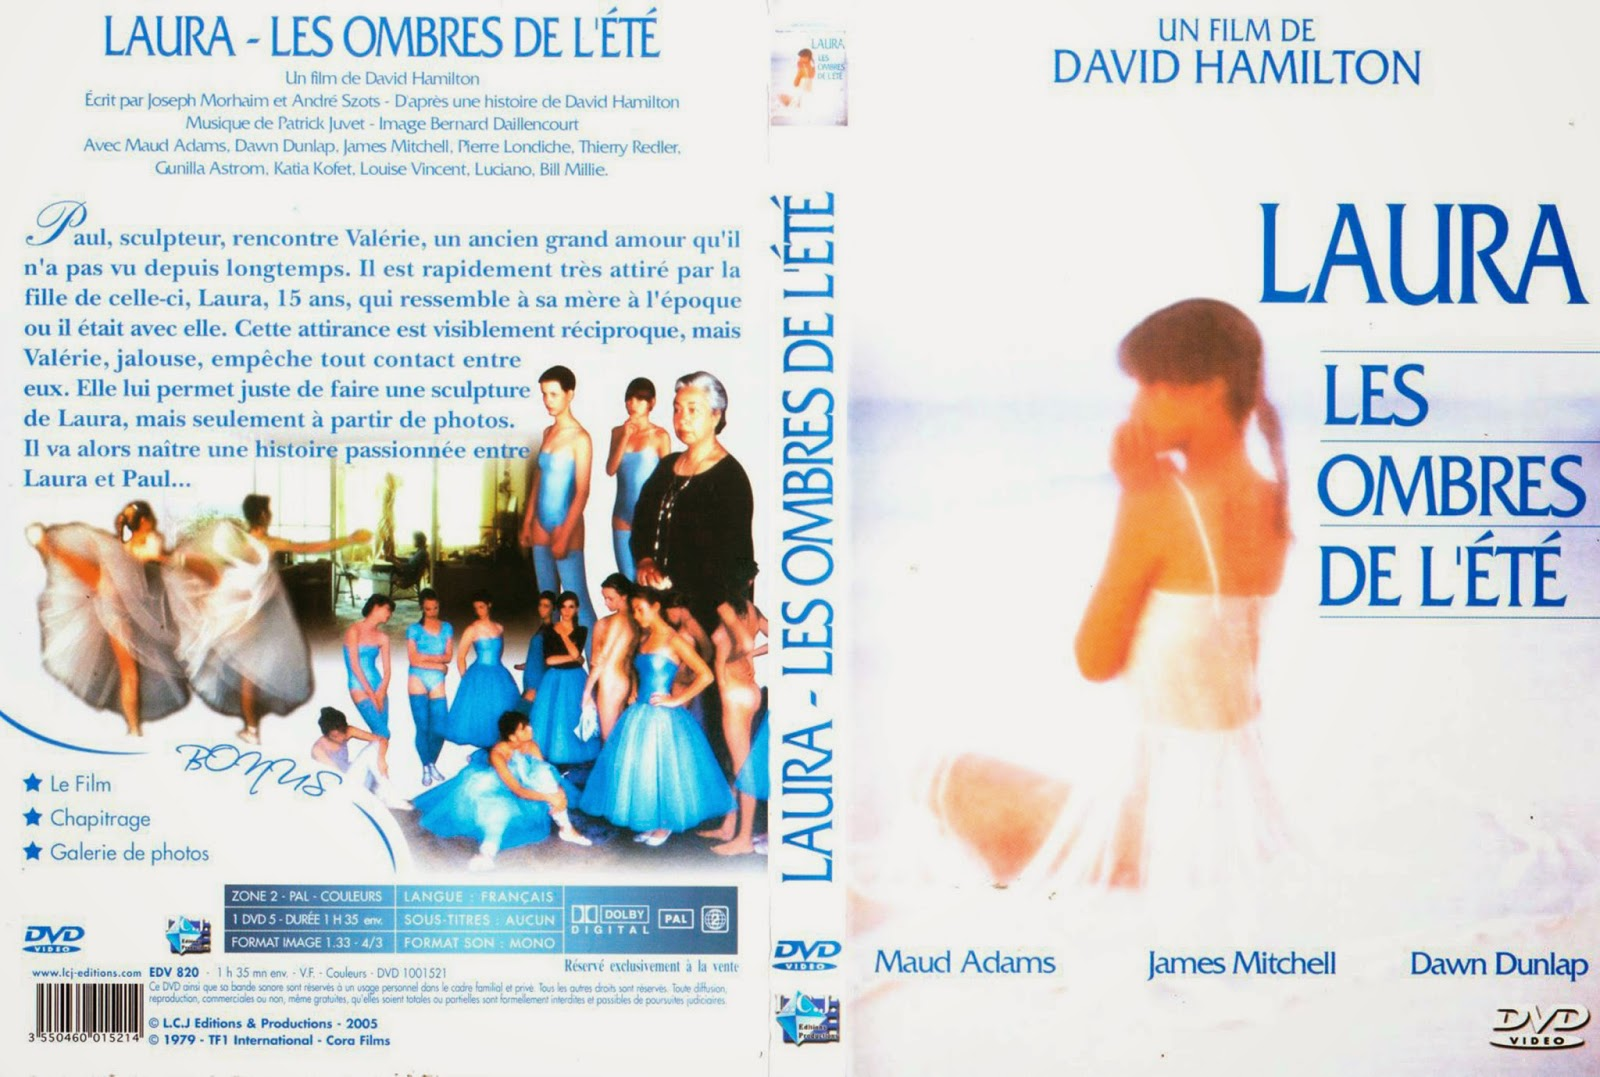 Лора, тени лета / Laura, les ombres de l'ete. 1979.